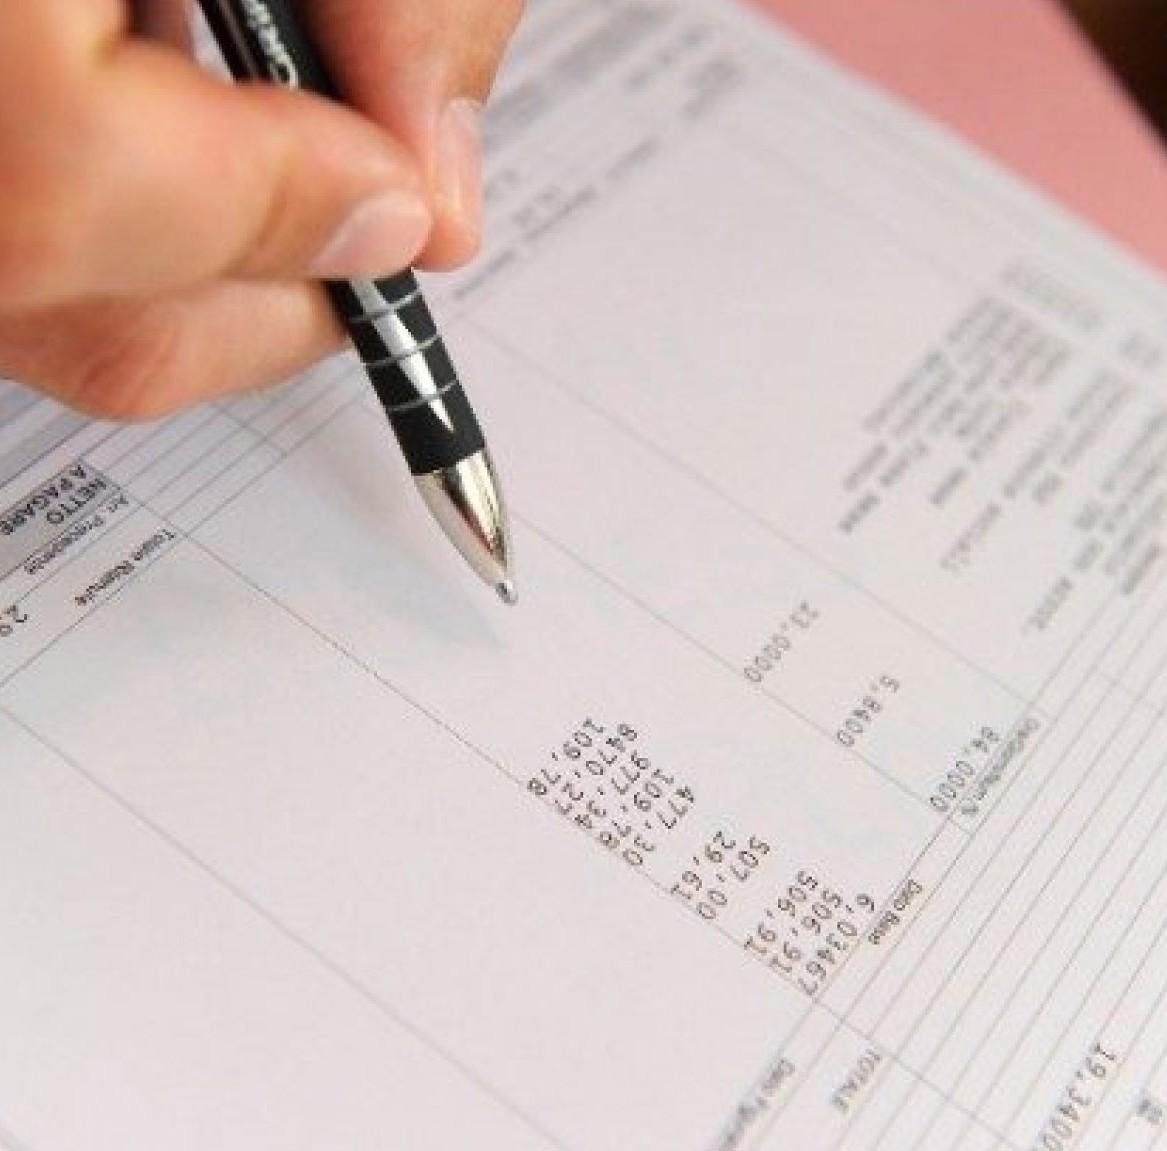 Lavorare nel commercio, come funziona il contratto e regole attuali